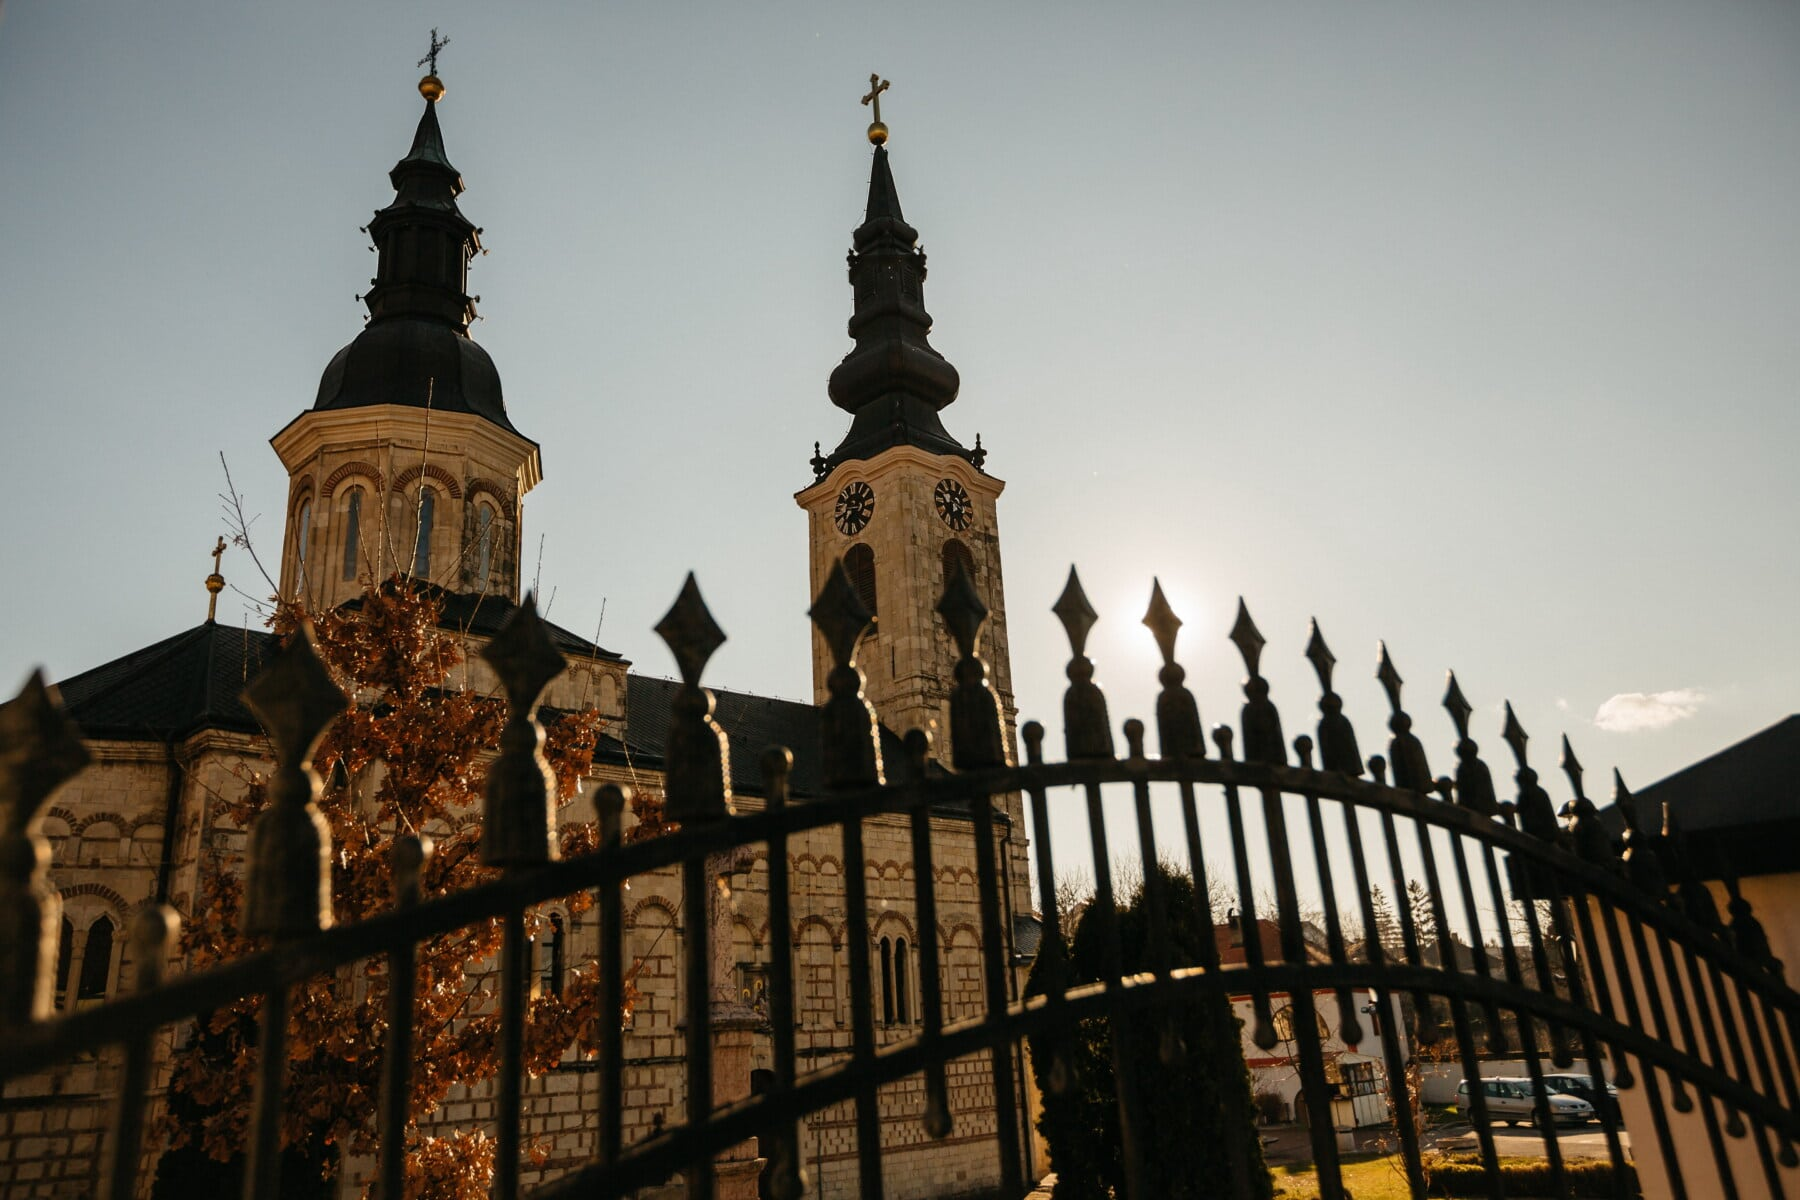 steeple, fer de fonte, clôture, Porte, passerelle, église, arrière-cour, architecture, religion, palais